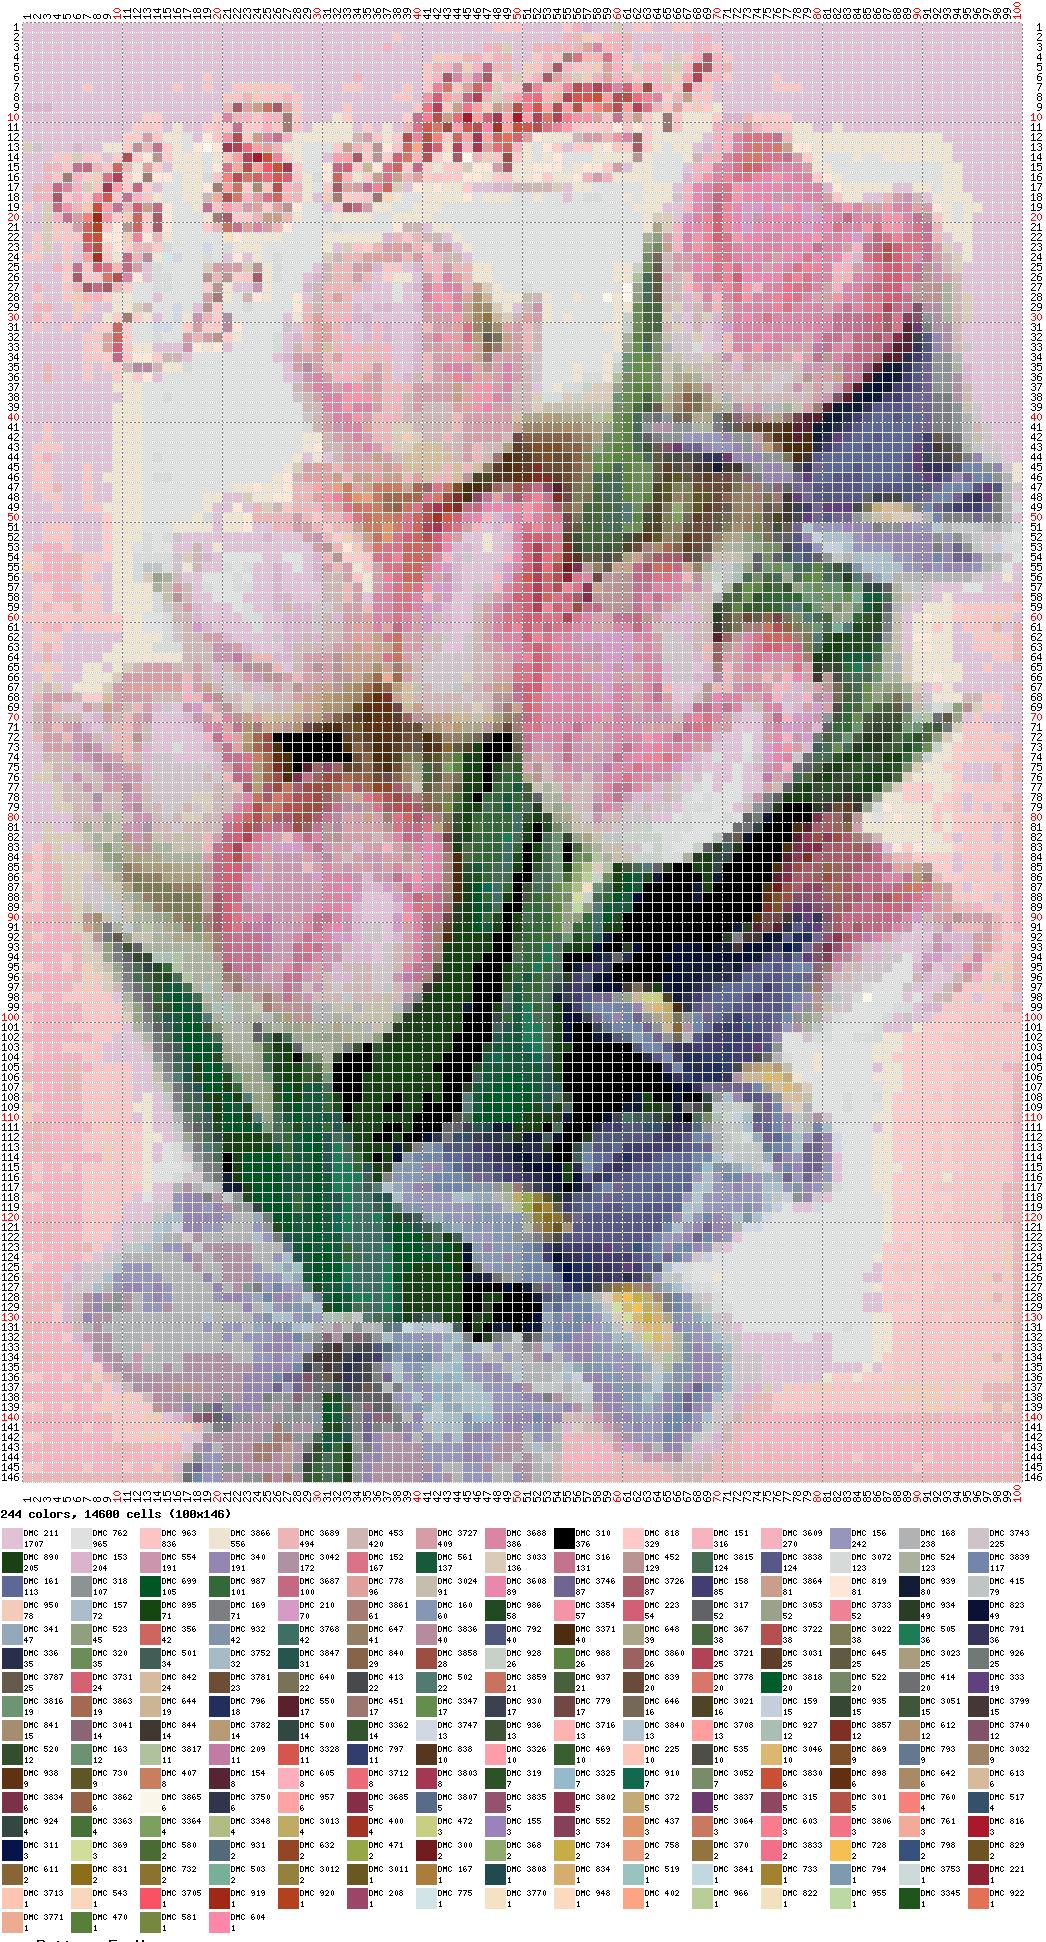 Дорогие Девушки!) поздравляю вас с 8 марта!) желаю вам почаще